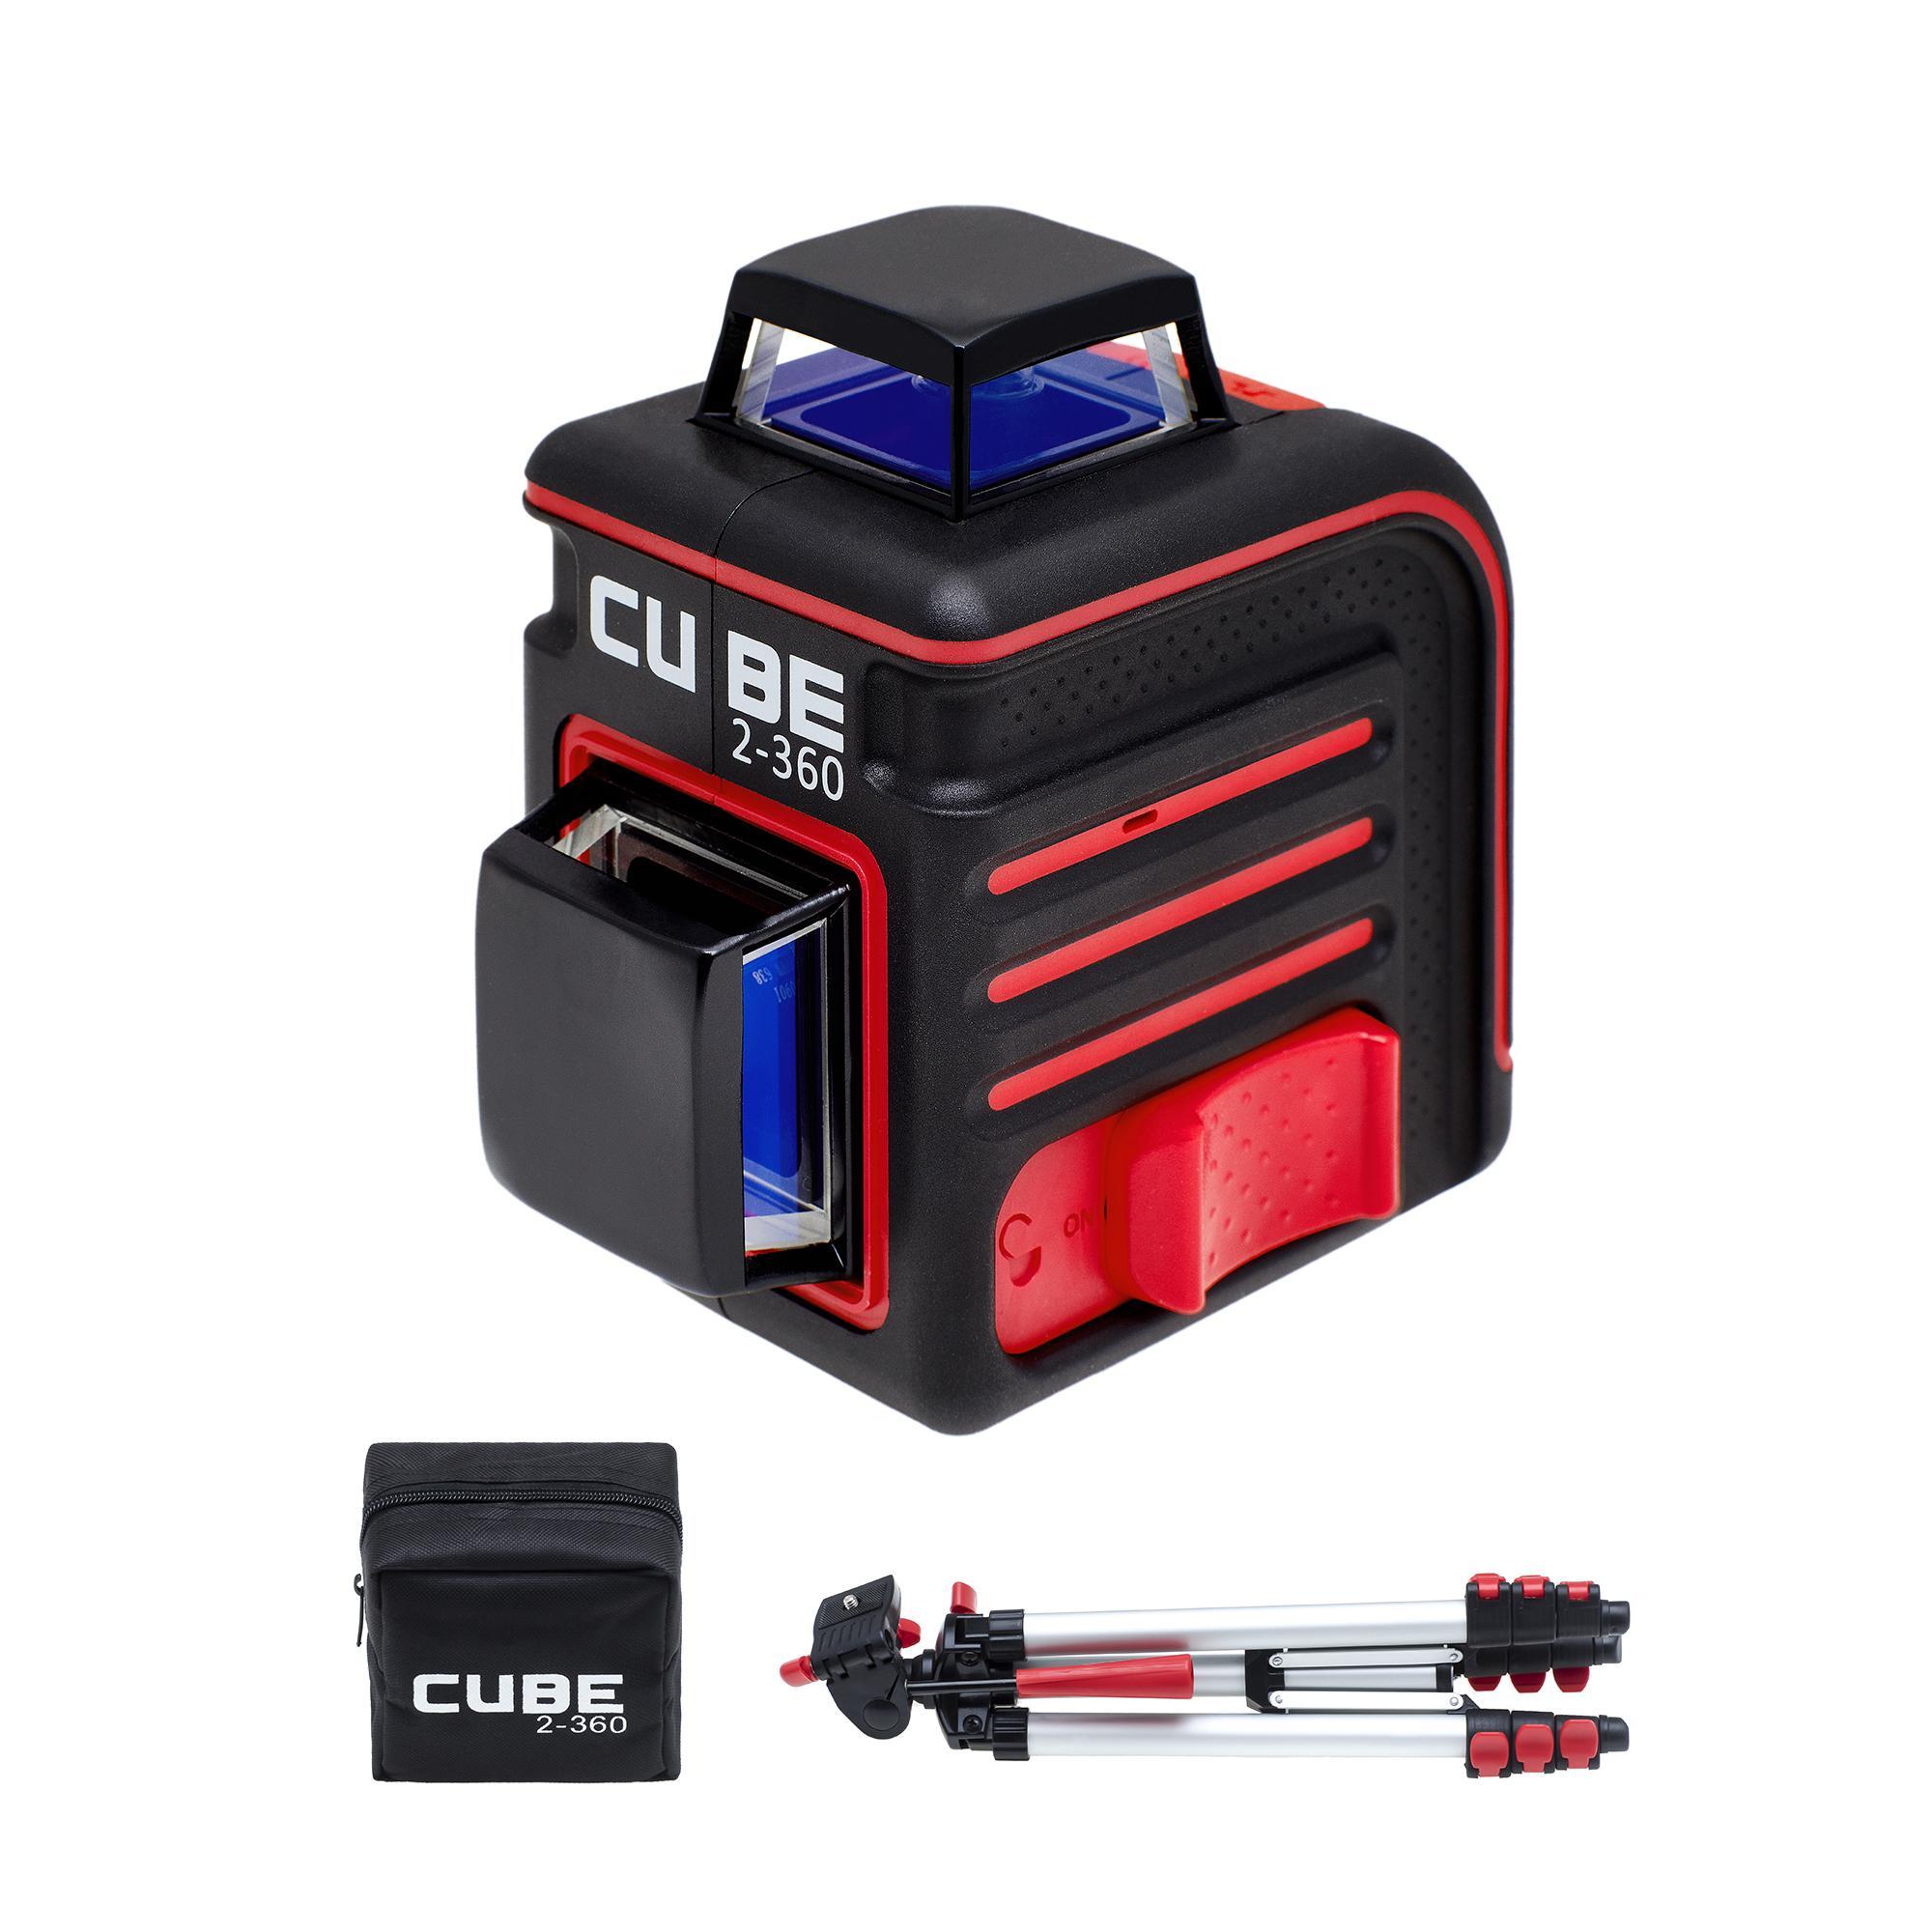 Фото 1/2 Cube 2-360 professional edition, Уровень